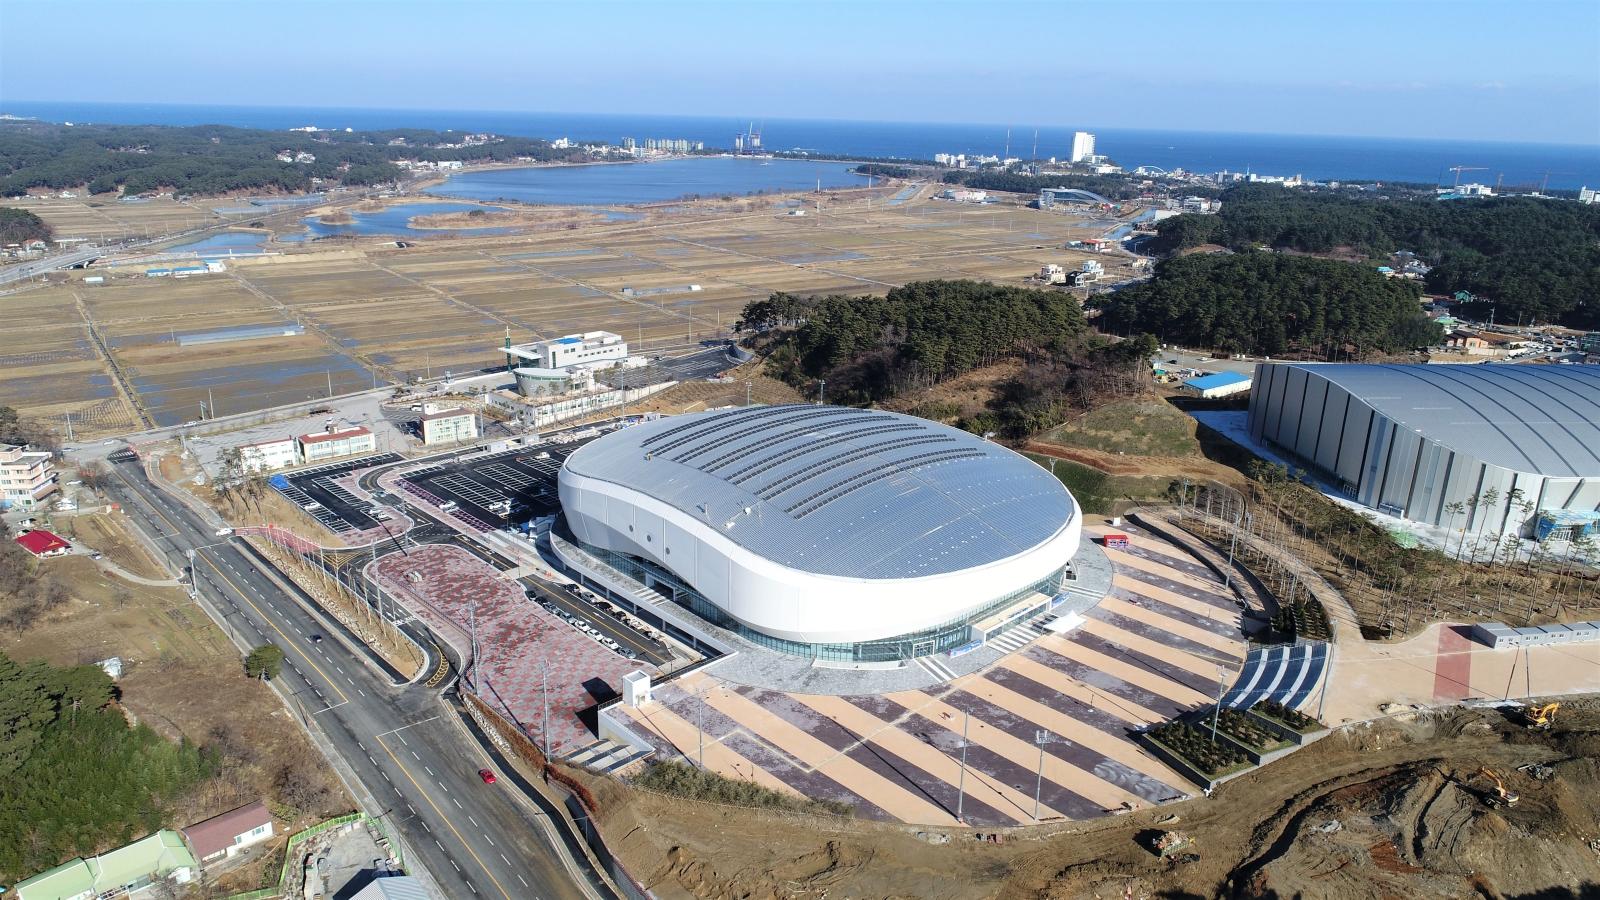 Ice Arena na Zimowe Igrzyska Olimpijskie w Korei Południowej w 2018 r.Fot. PAP/EPA/PYEONGCHANG WINTER OLYMPICS COMMITTEE HANDOUT SOUTH KOREA